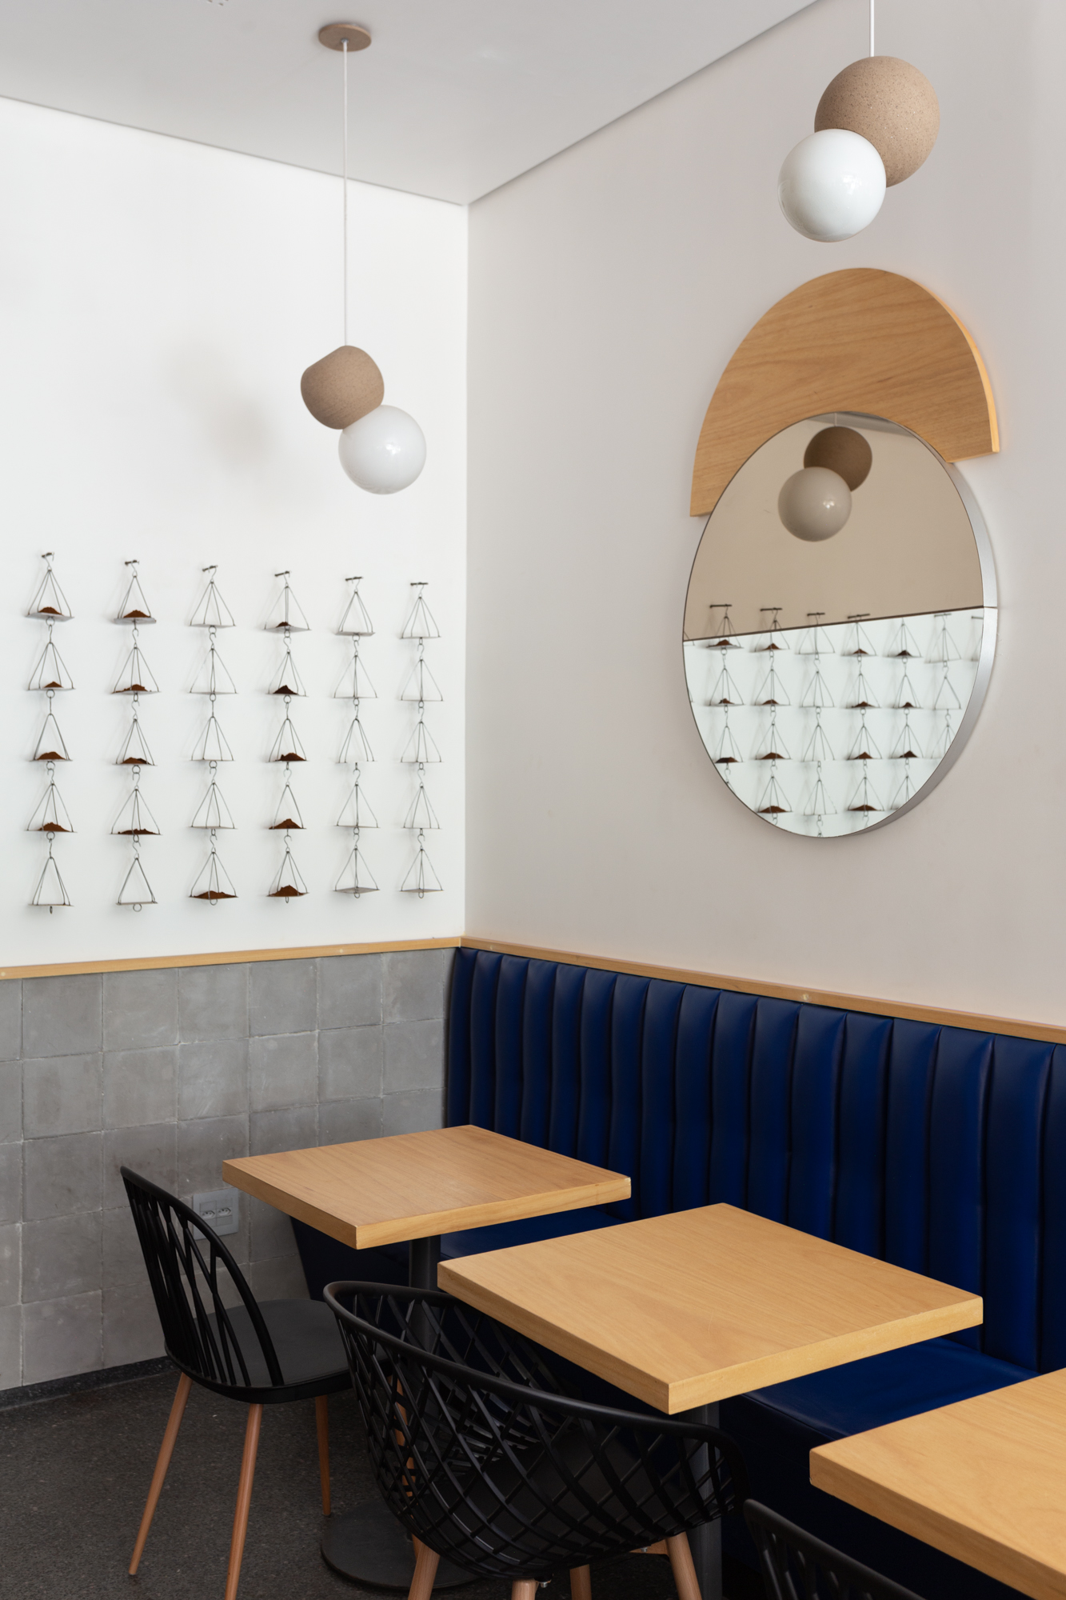 projeto arquitetura arquitetônico café restaurante belo horizonte gabriel castro mobio